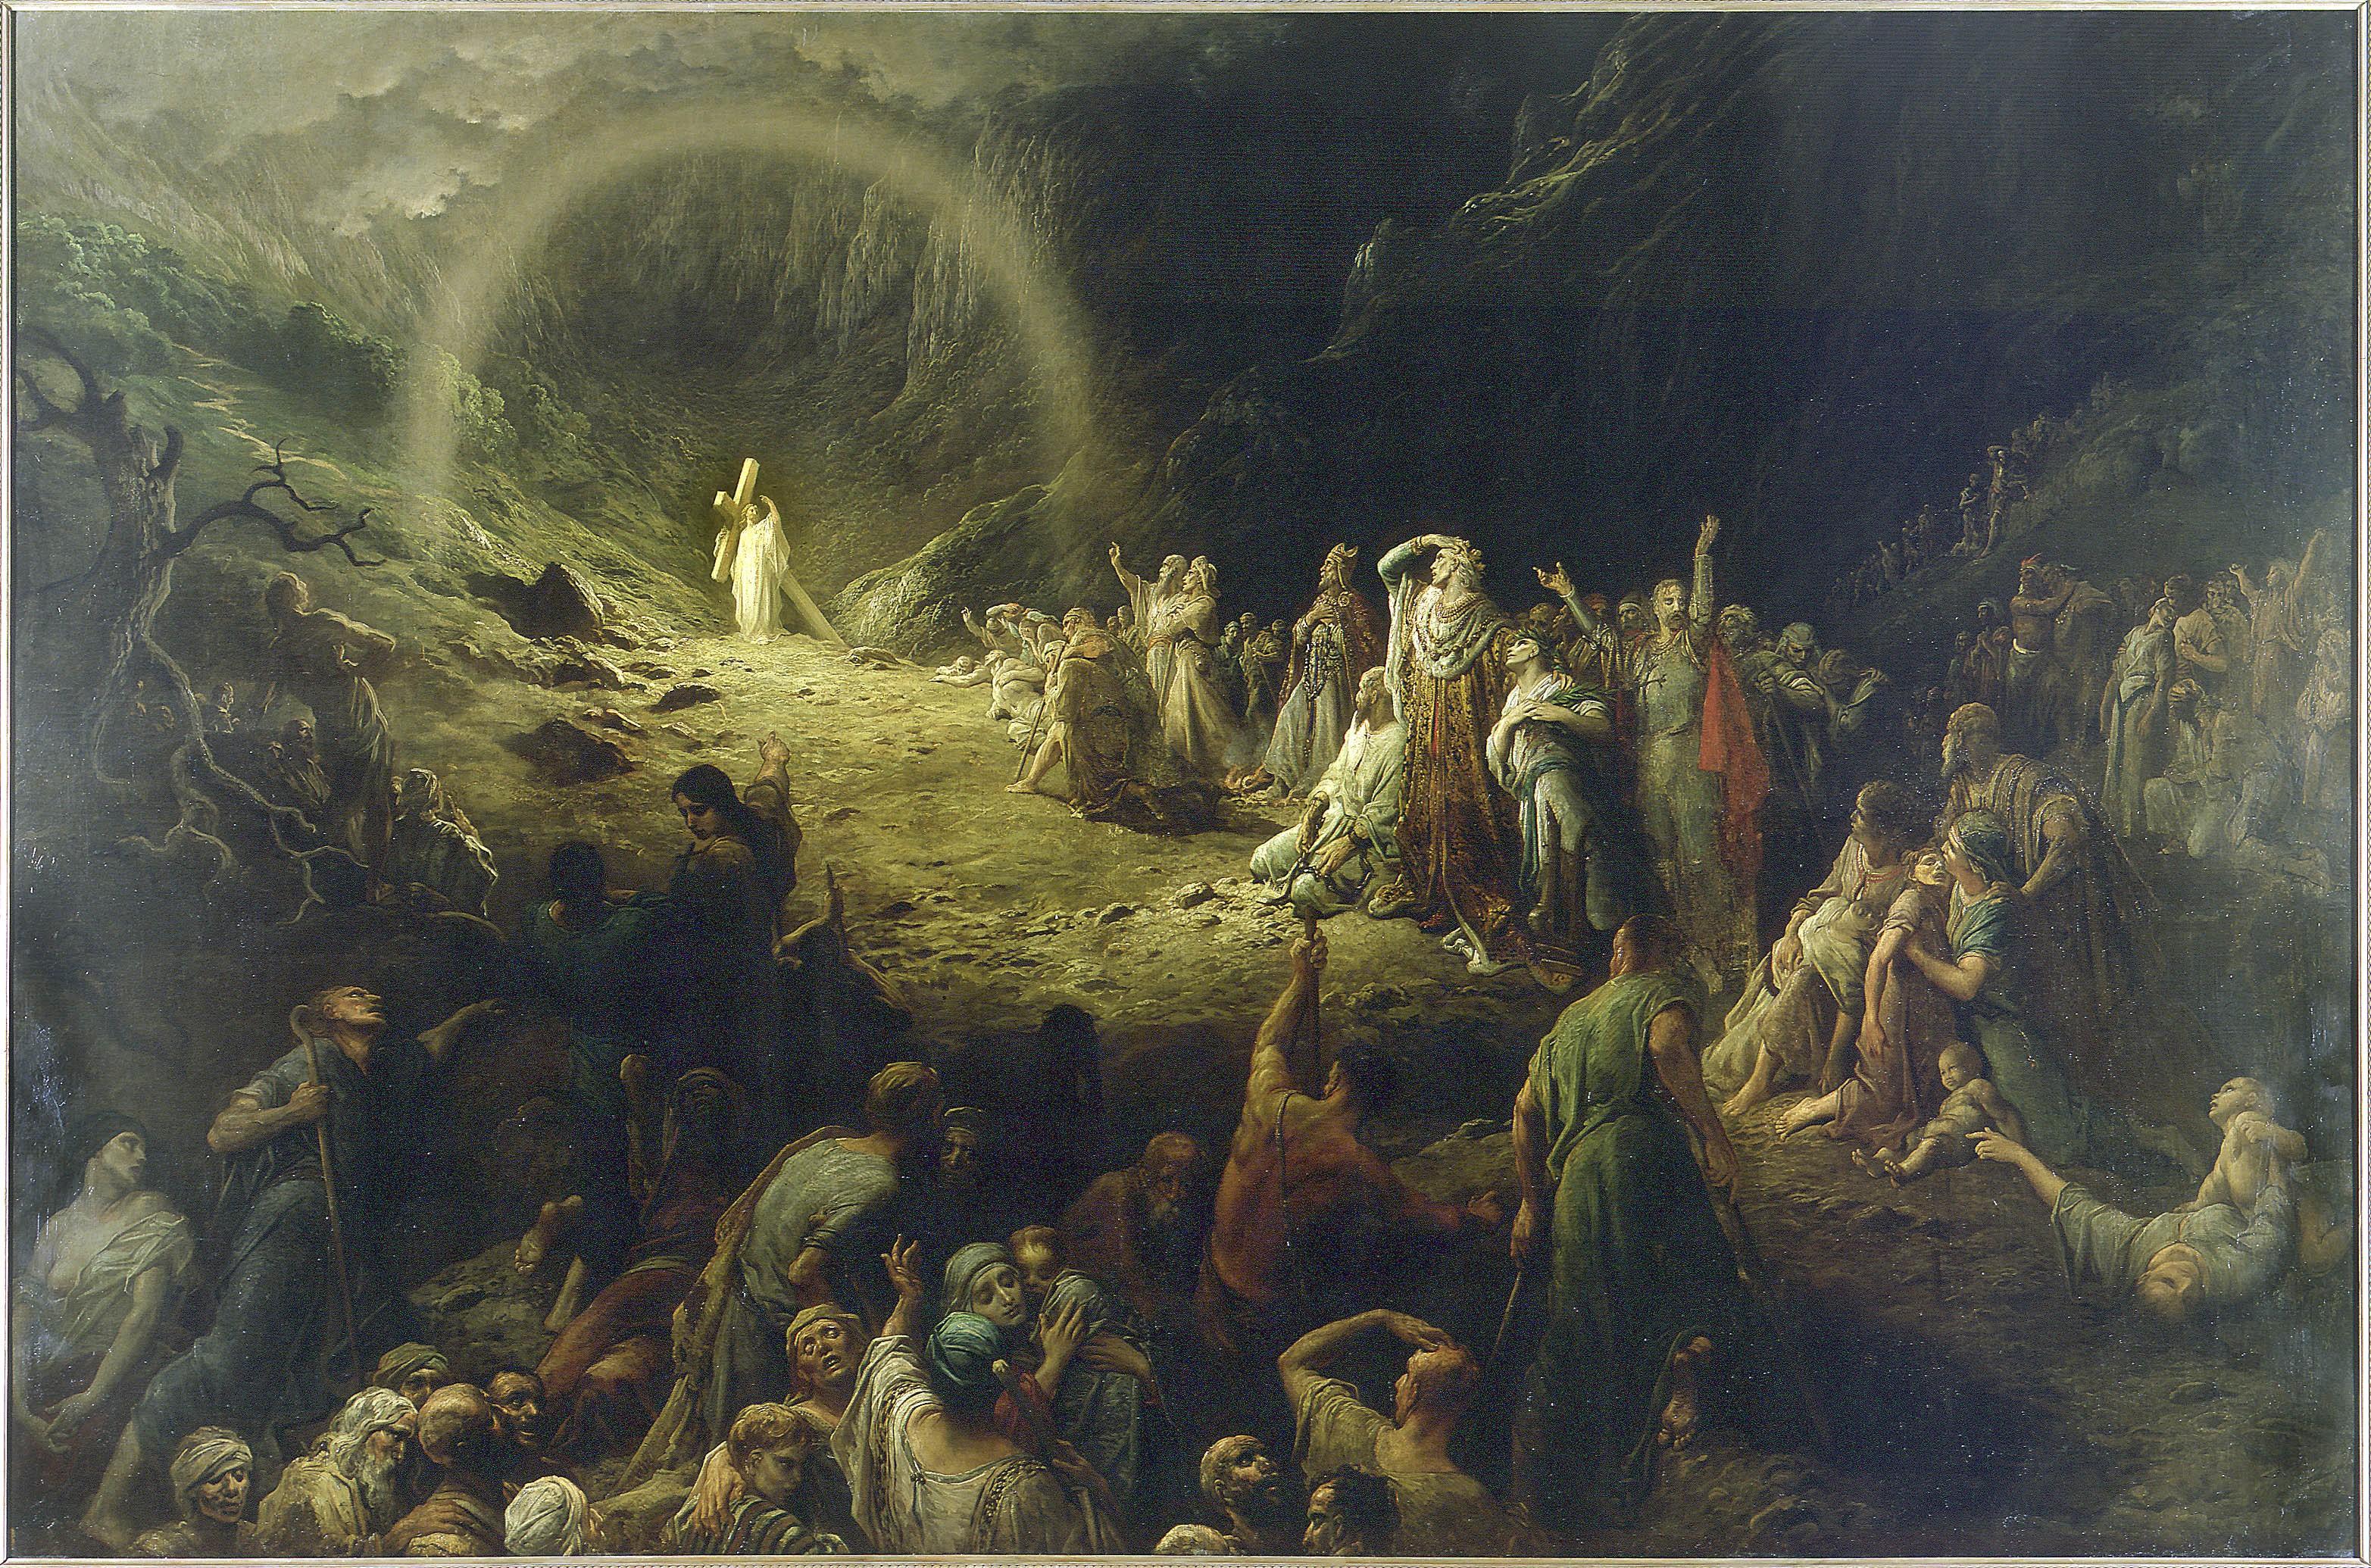 Vallée des larmes christ croix rayons tristesse Gustave Doré